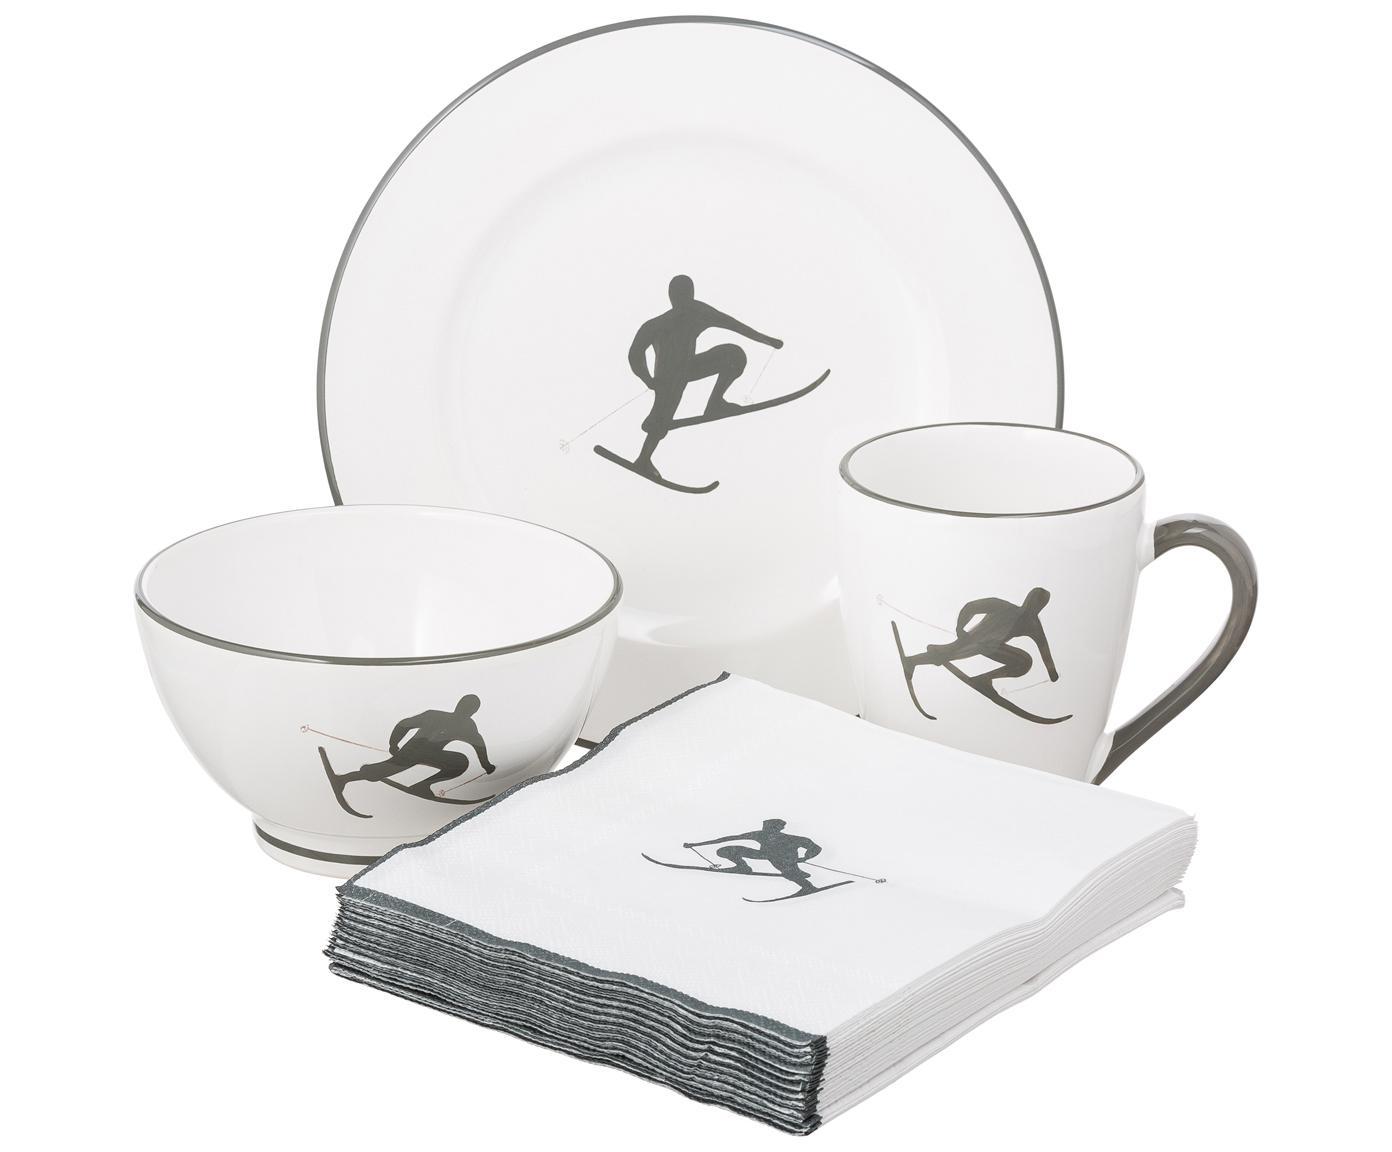 Servizio da colazione dipinto a mano  Toni 4 pz, Ceramica, Grigio, bianco, Diverse dimensioni